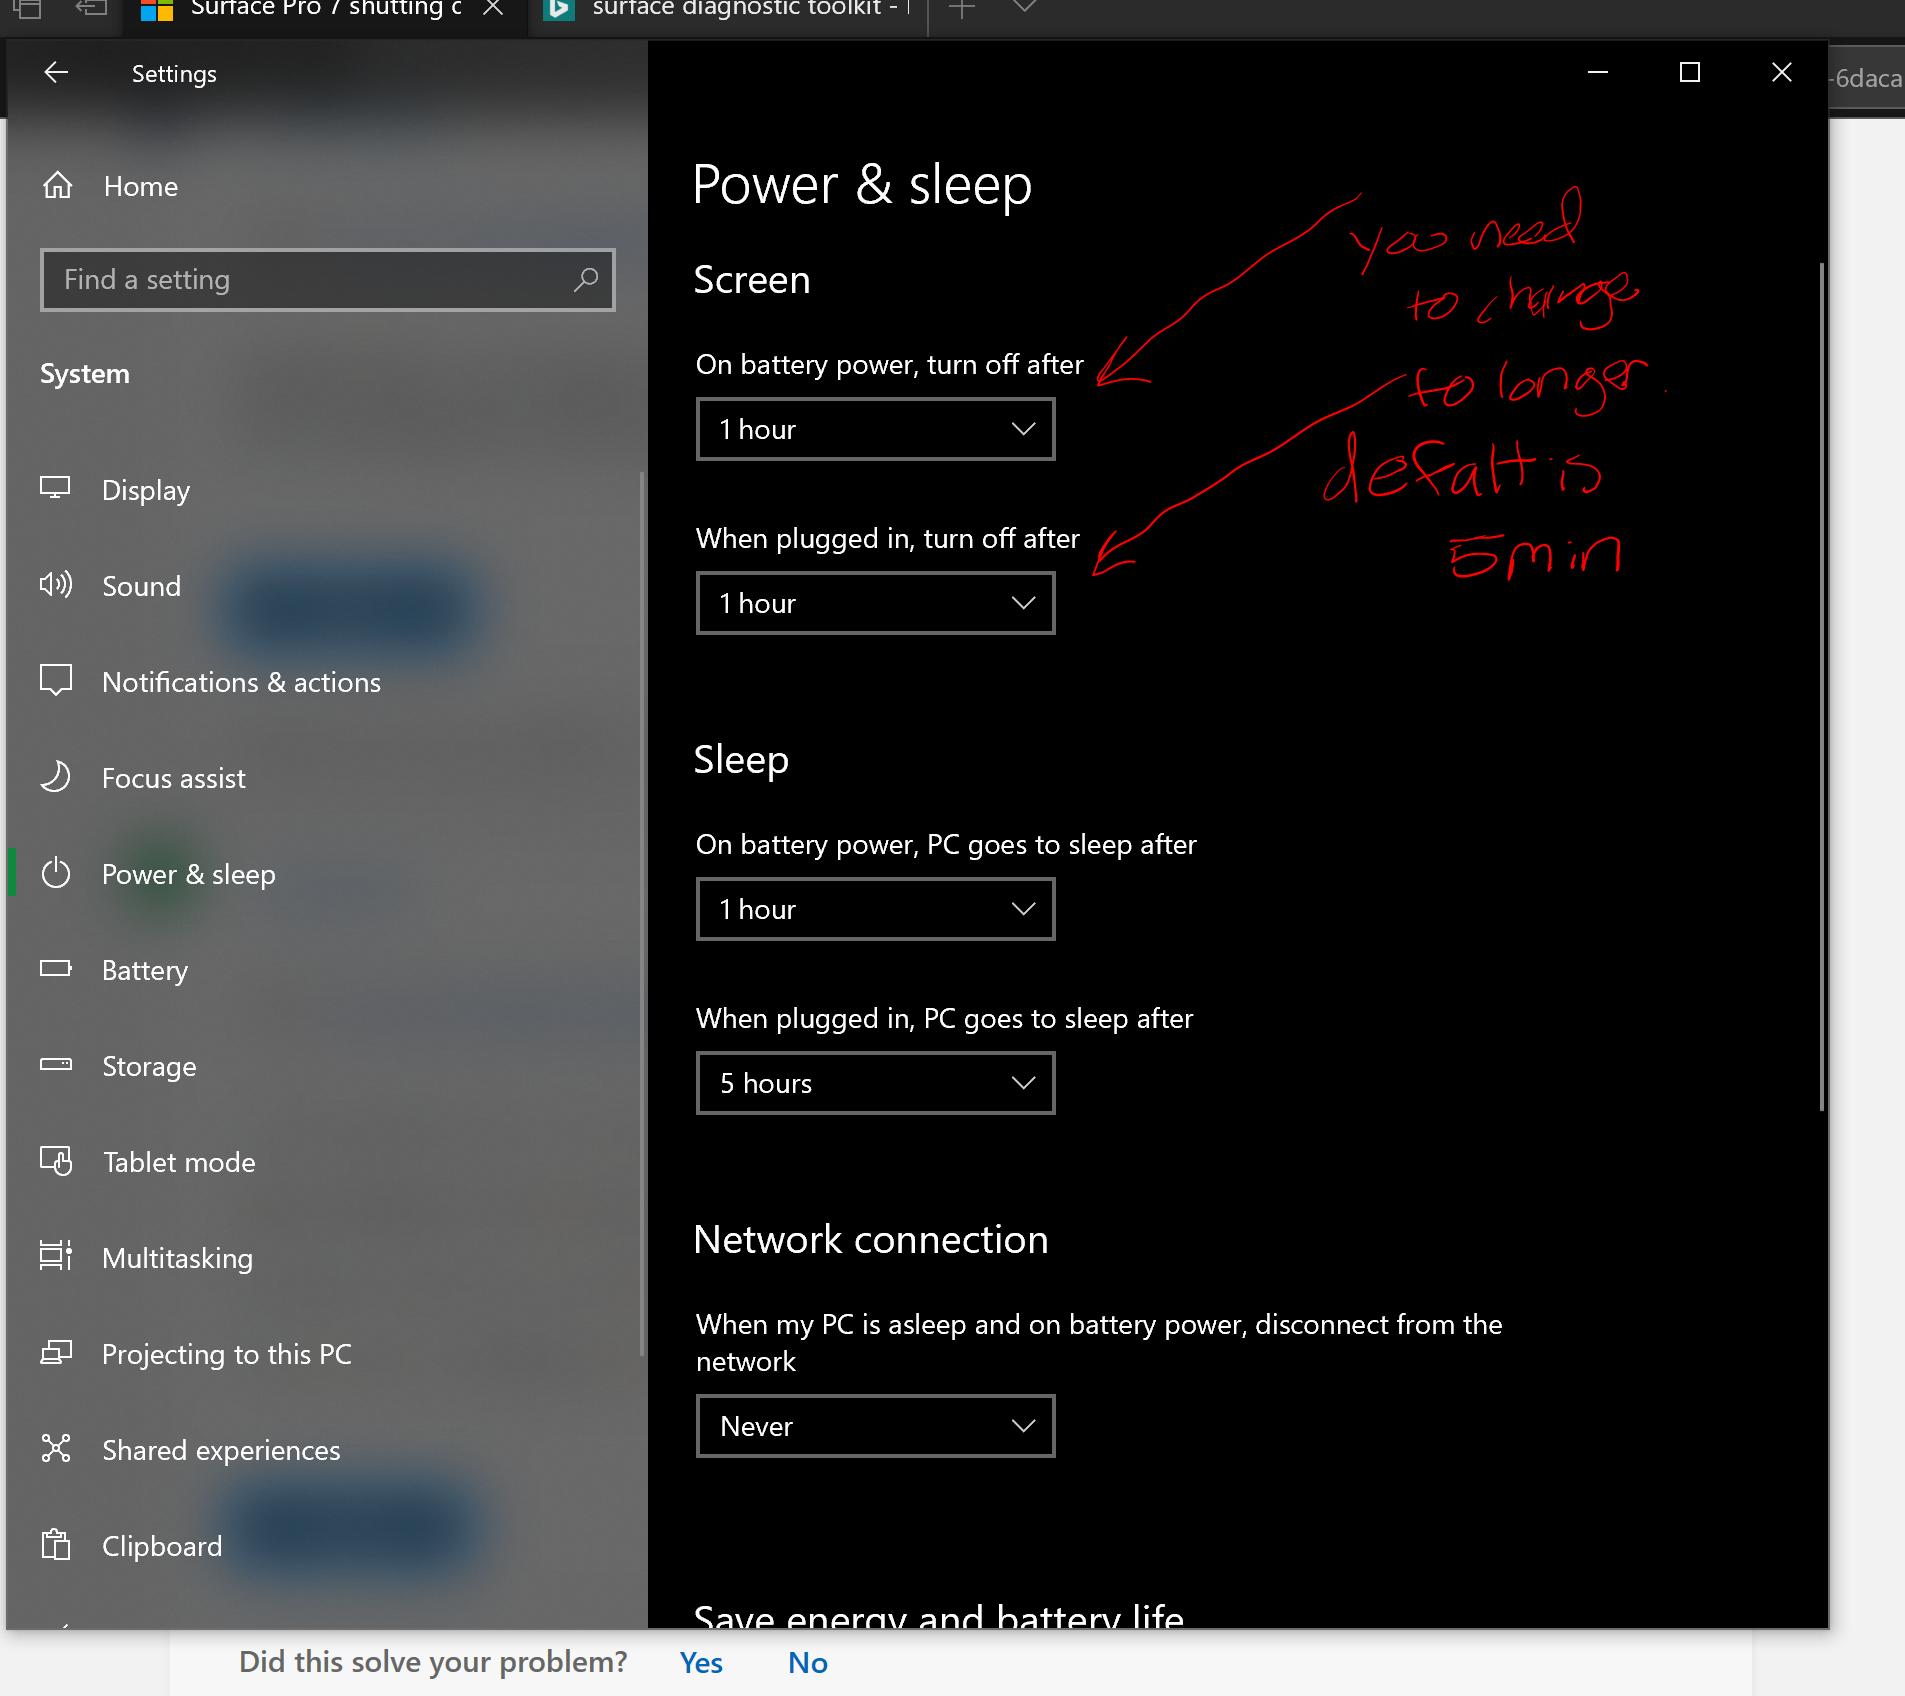 Energieeinstellungen Surface Pro 7